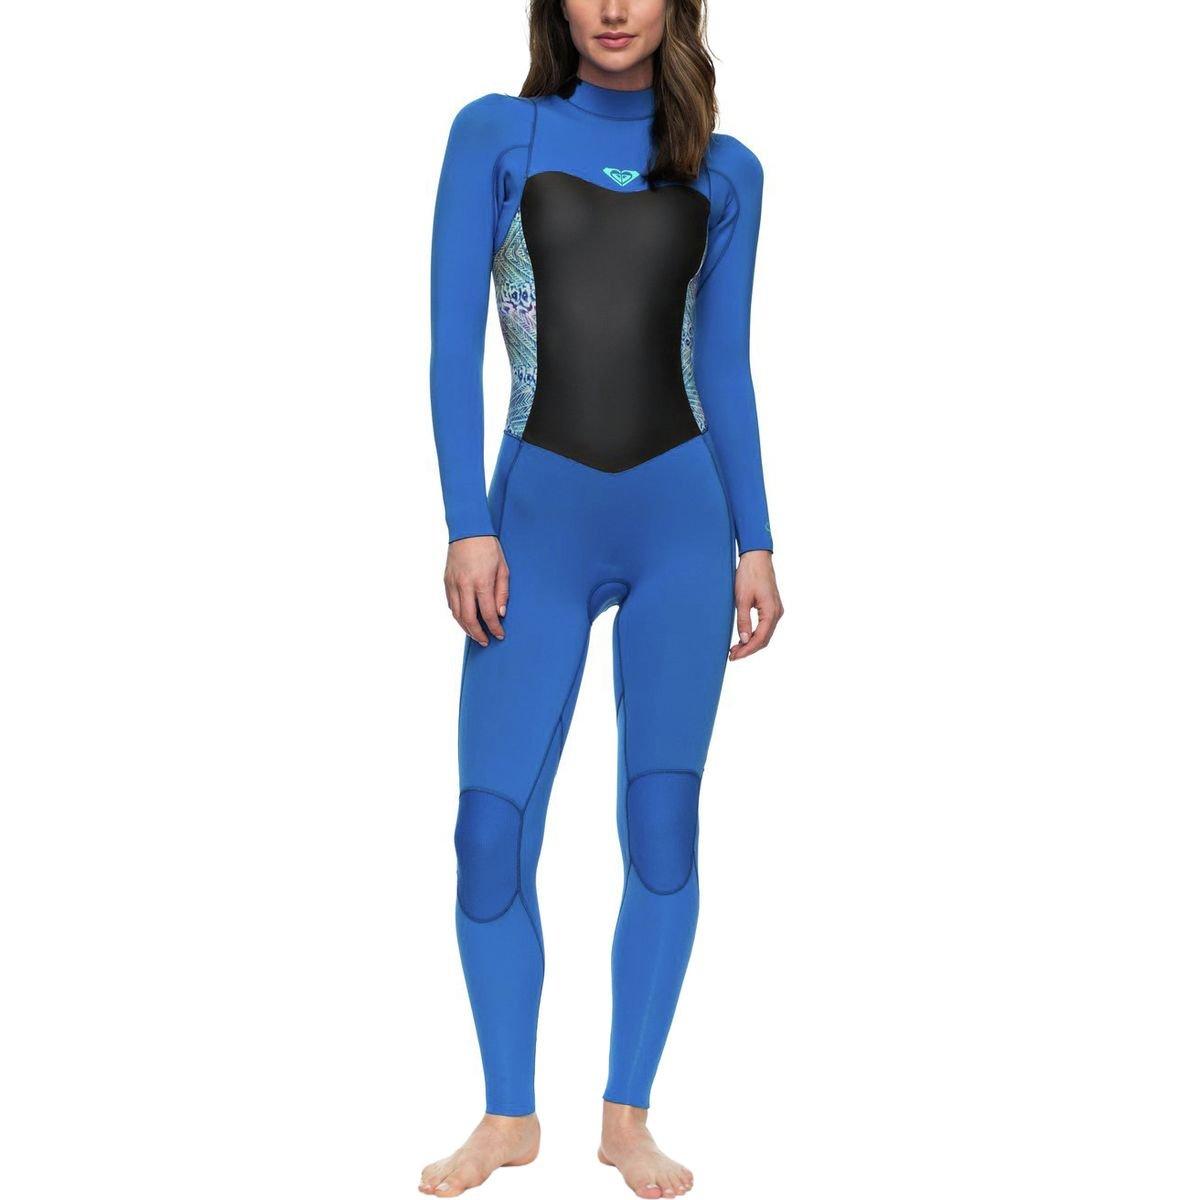 人気No.1 RoxyレディースRoxy 4 6 Sea/ 3 mm Syncro Series Blue Back 6 Zip GBSウェットスーツerjw103027 B0716XBLTV Sea Blue Ii 6 6 Sea Blue Ii, momoco:81ca4257 --- staging.aidandore.com